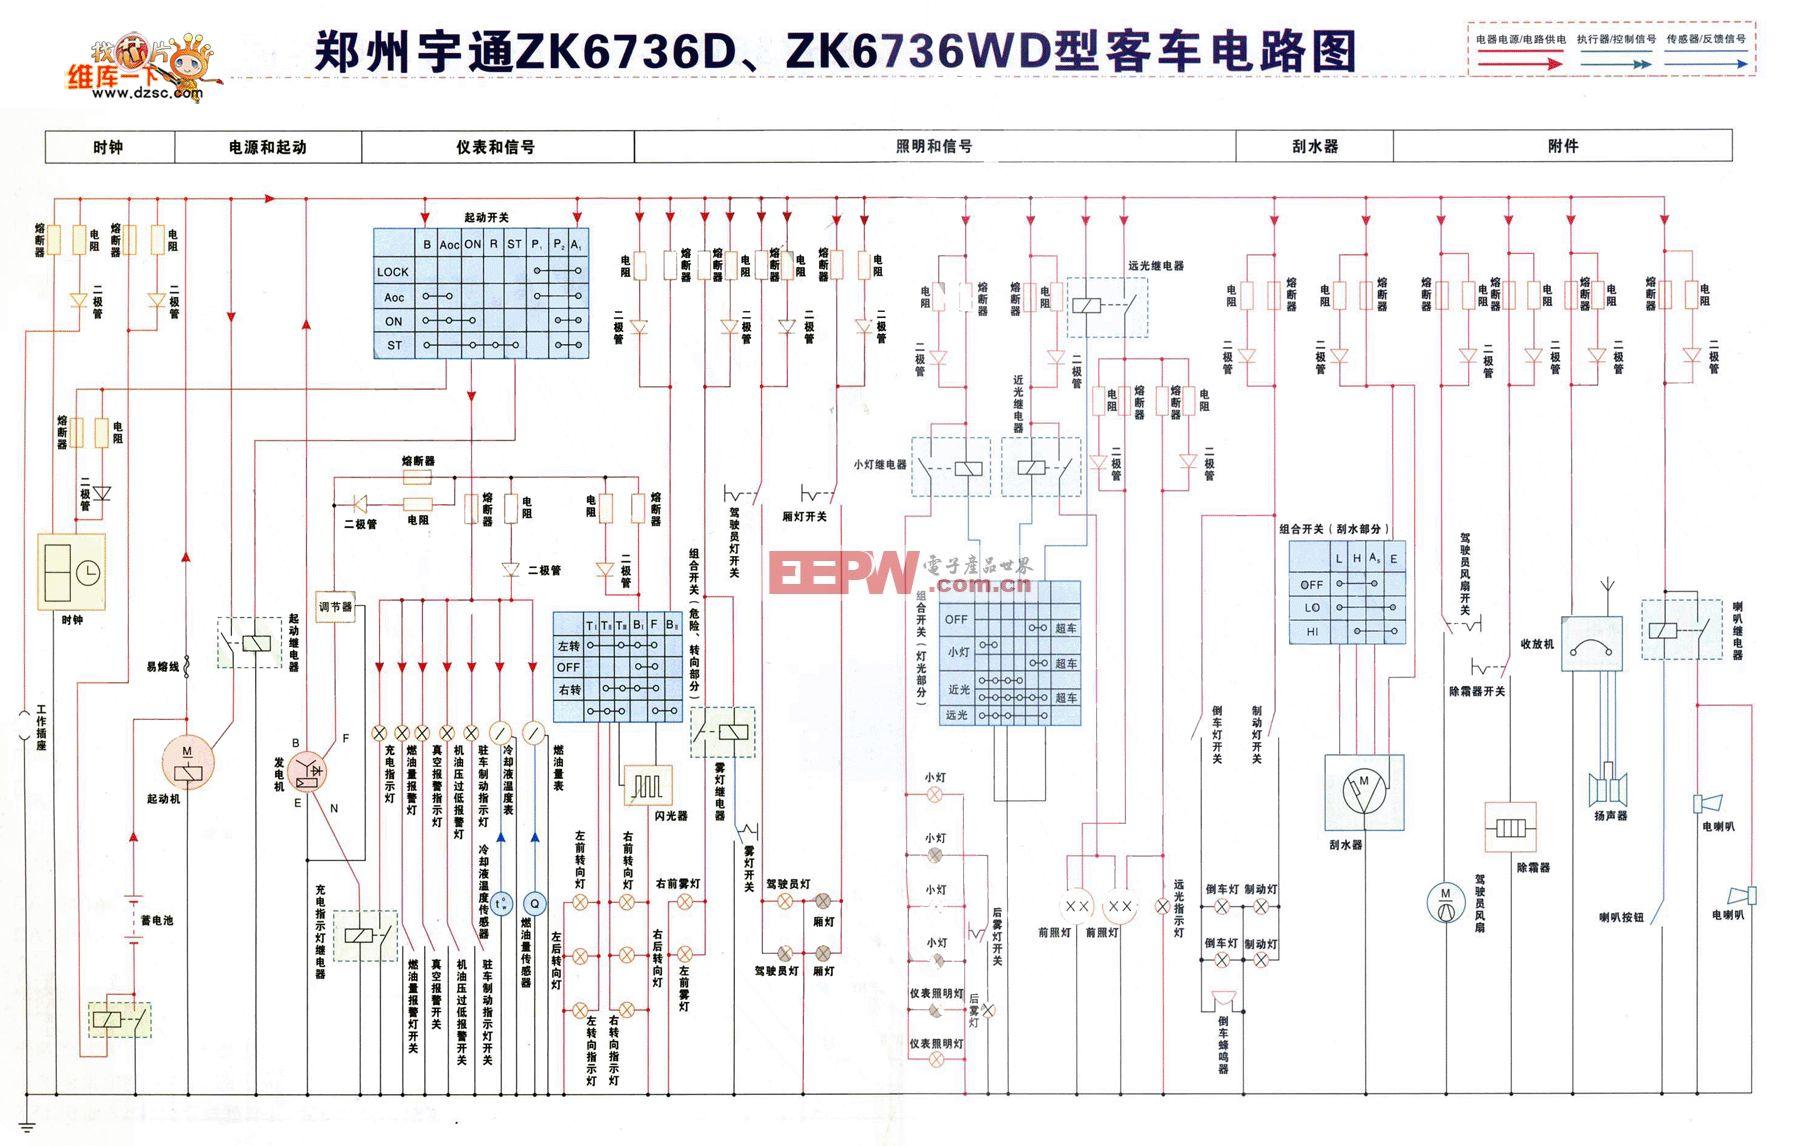 郑州宇通ZK6736D-4、ZK6736WD-4型客车电路图